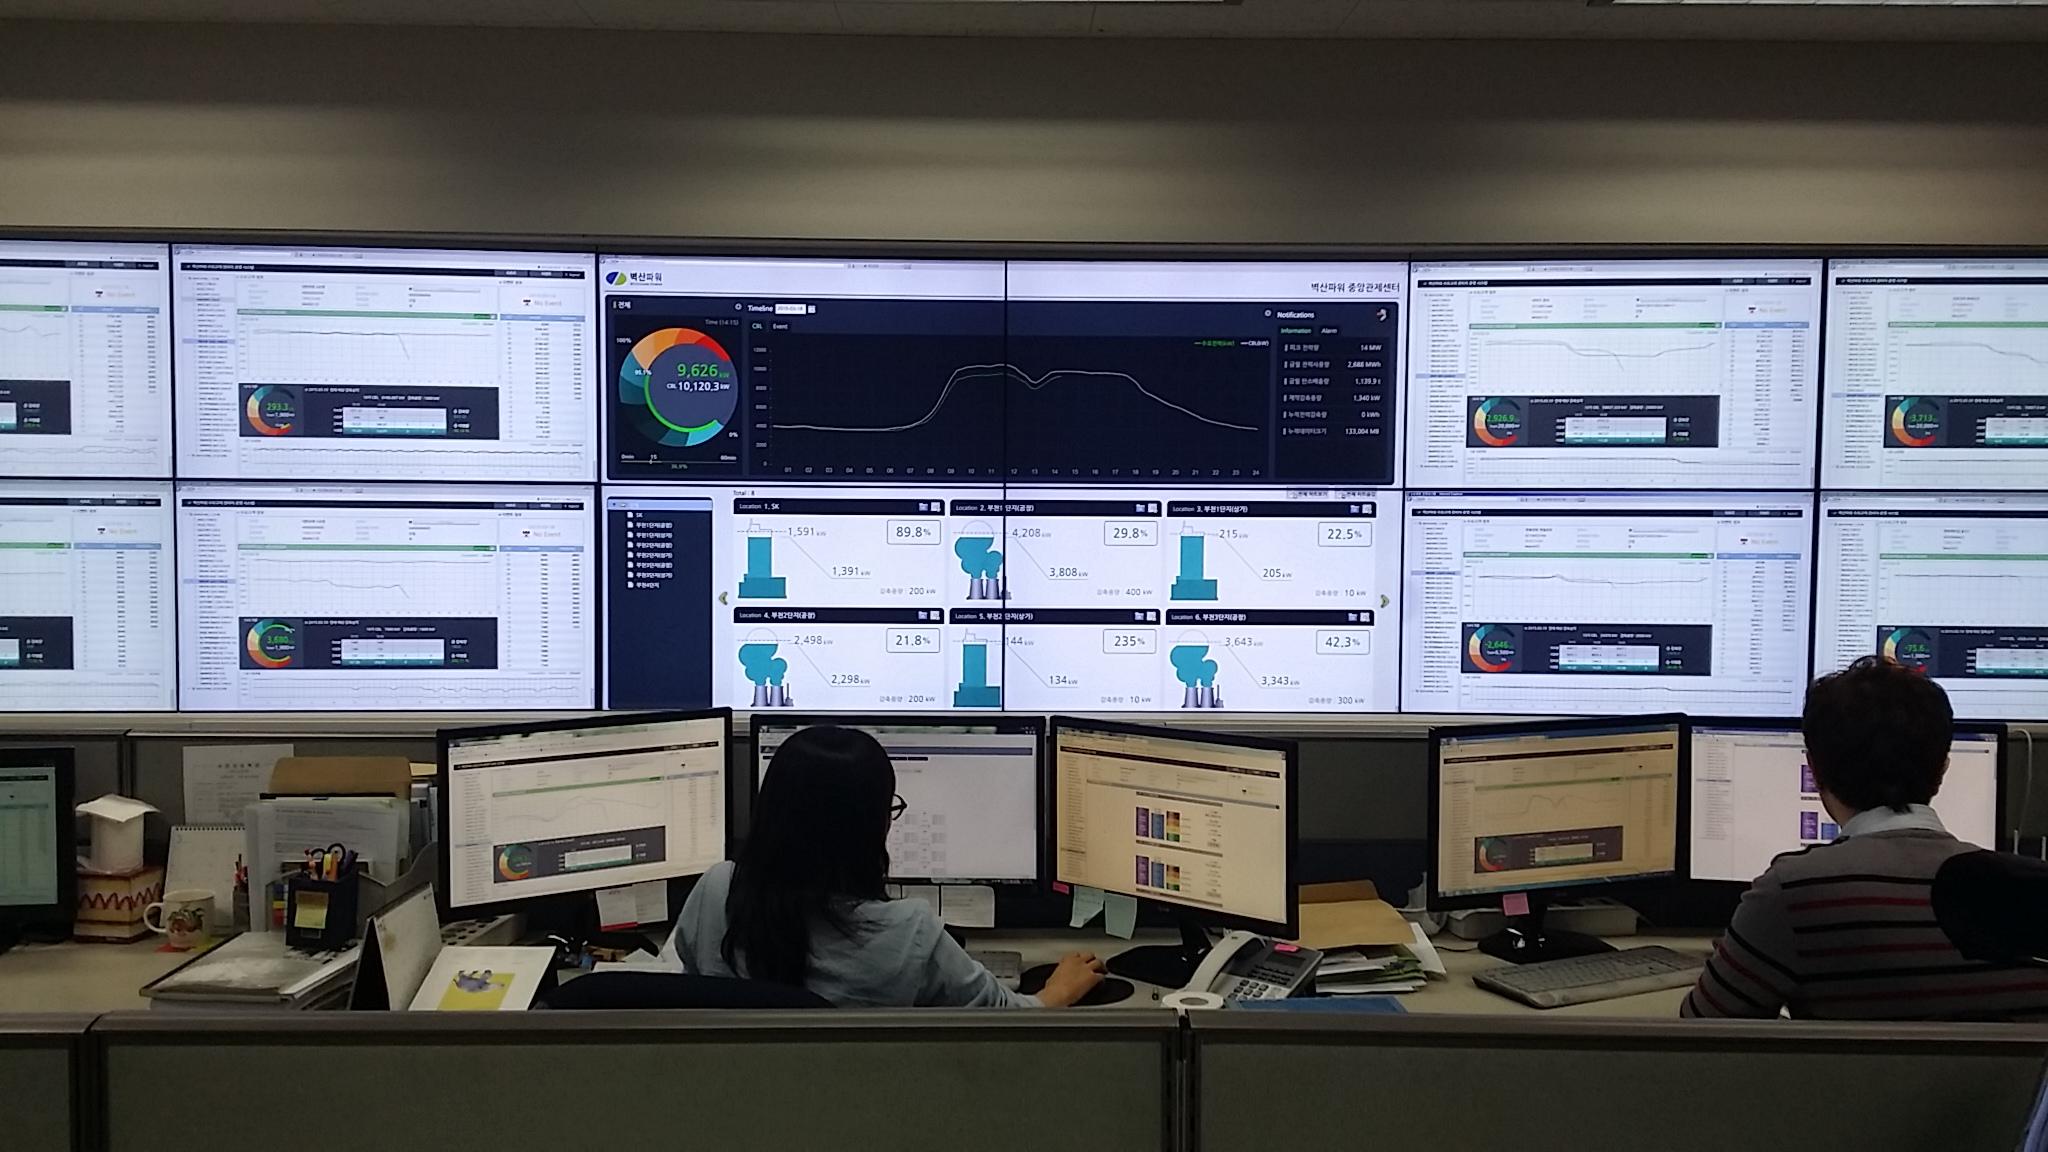 벽산파워 네트워크 운영센터NOC. 자체 개발한 에너지관리 솔루션 '에너글'을 기반으로 수요관리 서비스를 수행하고 있다. - 벽산파워 제공